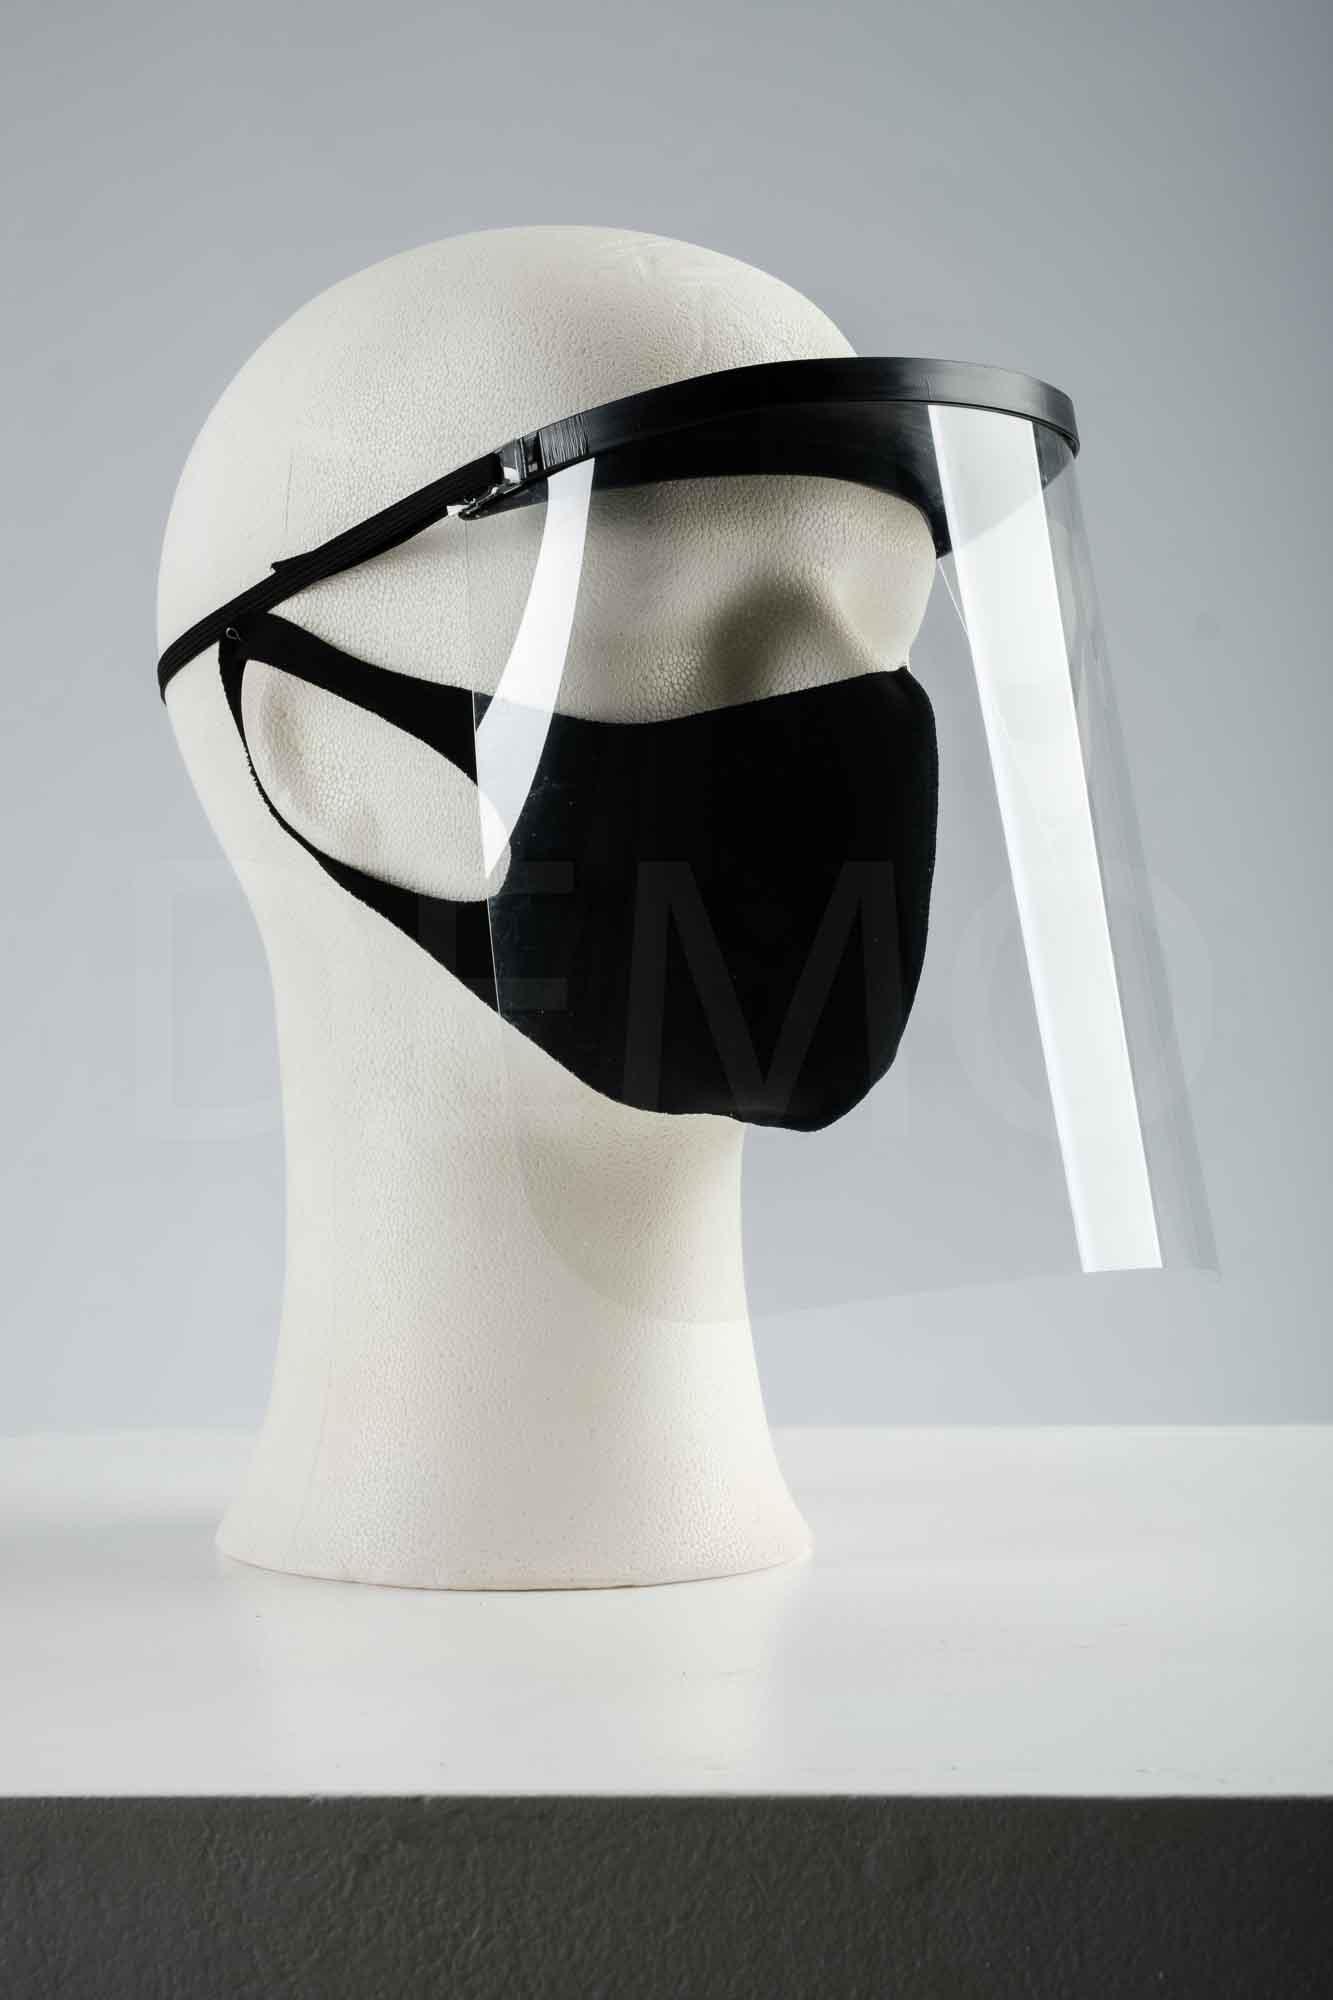 Kaitsevisiir koos maskiga